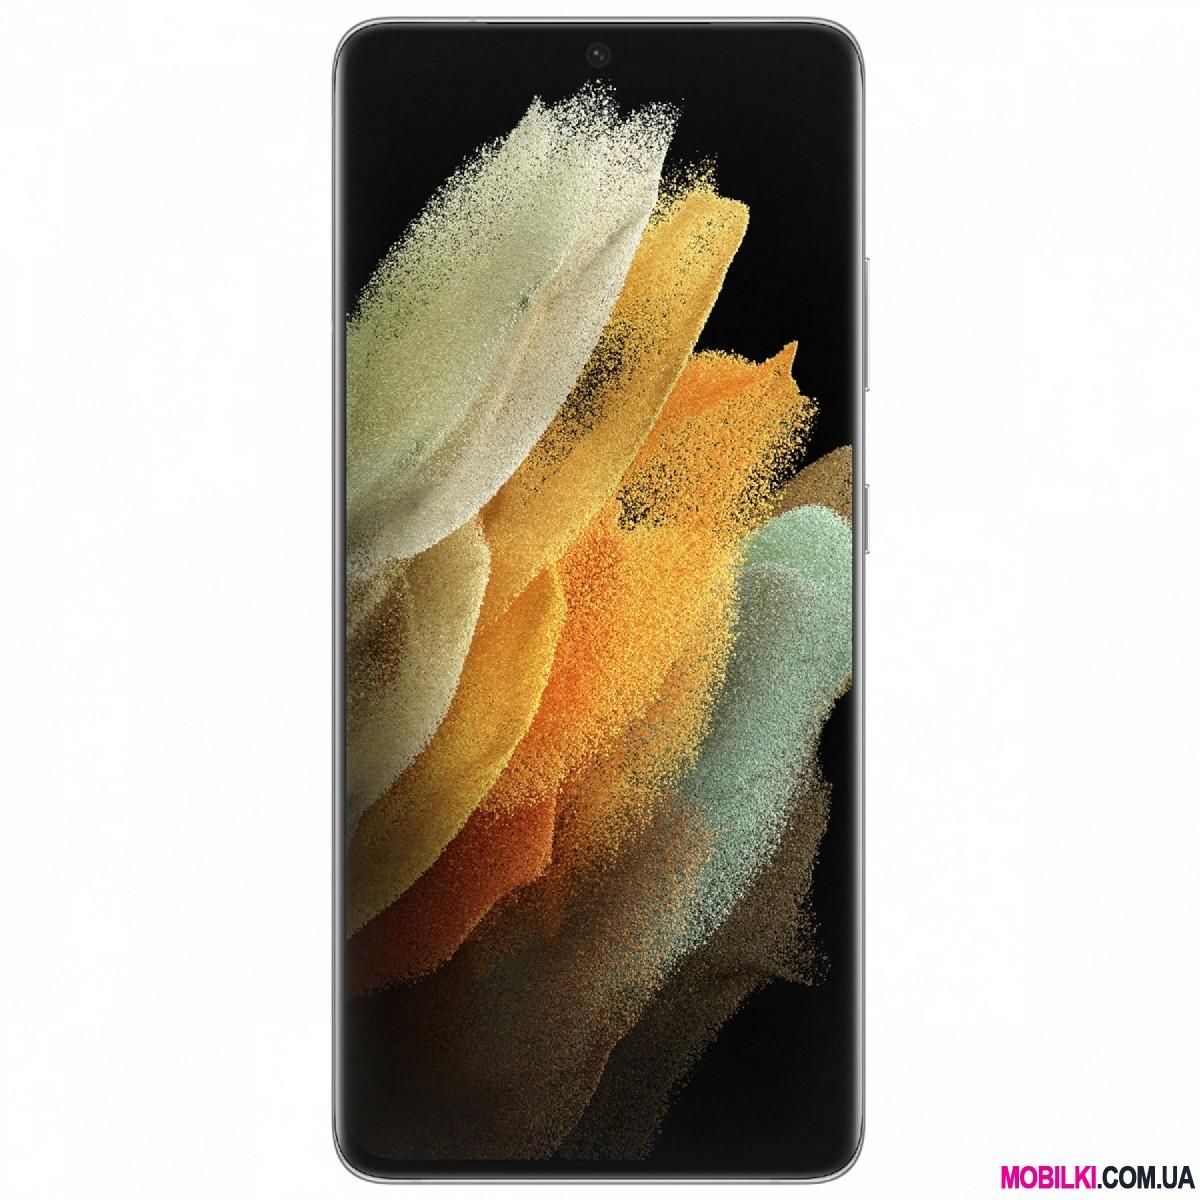 Samsung Galaxy S21 Ultra 12/256Gb